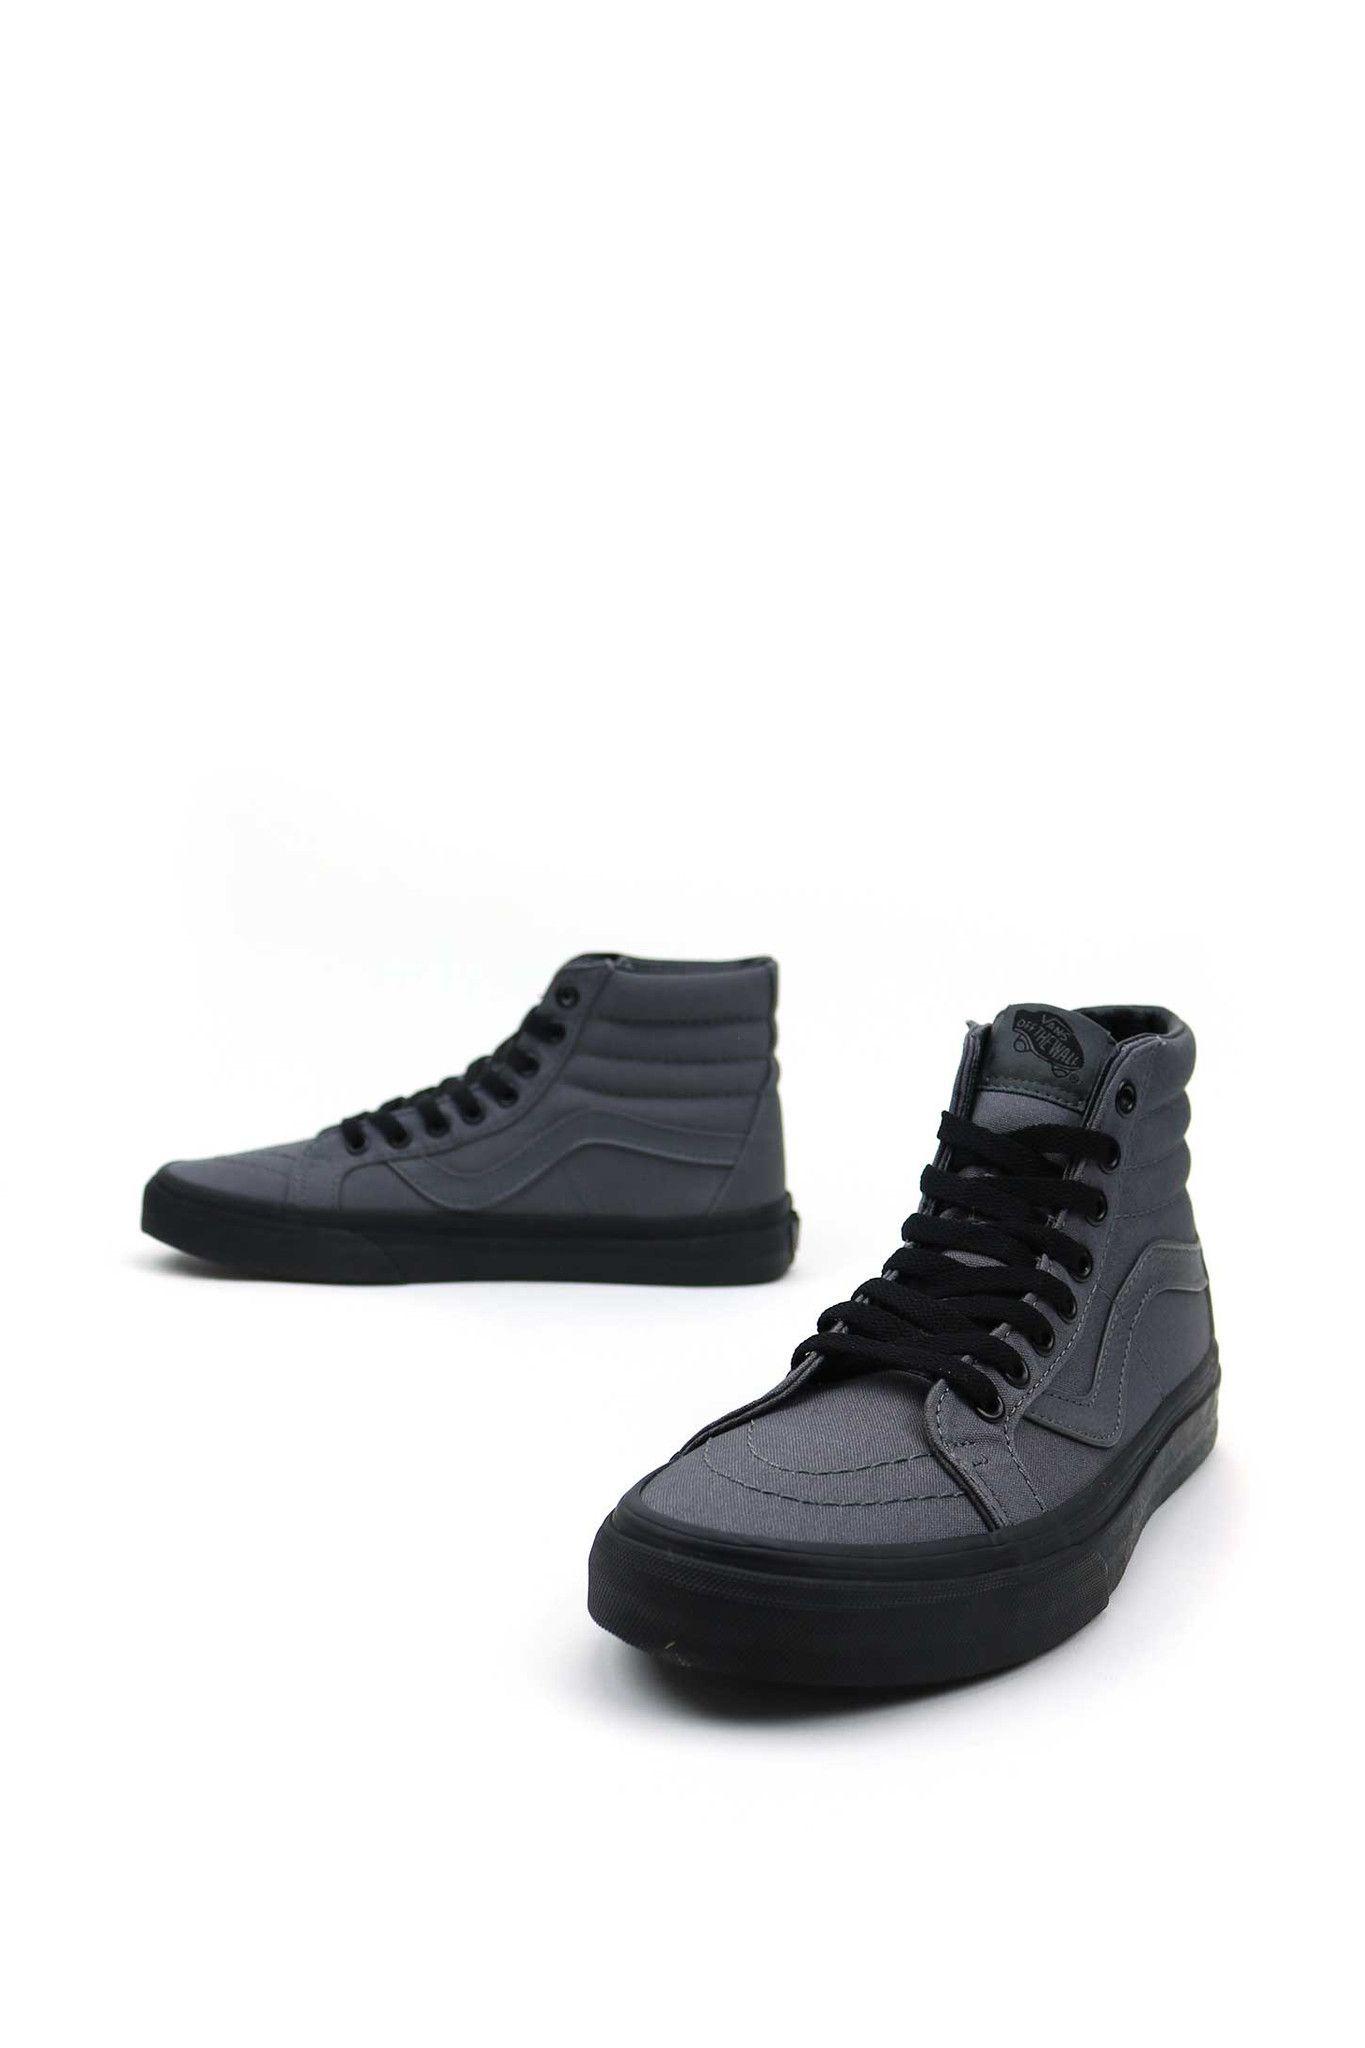 vans sk8-hi reissue premium leather black true white